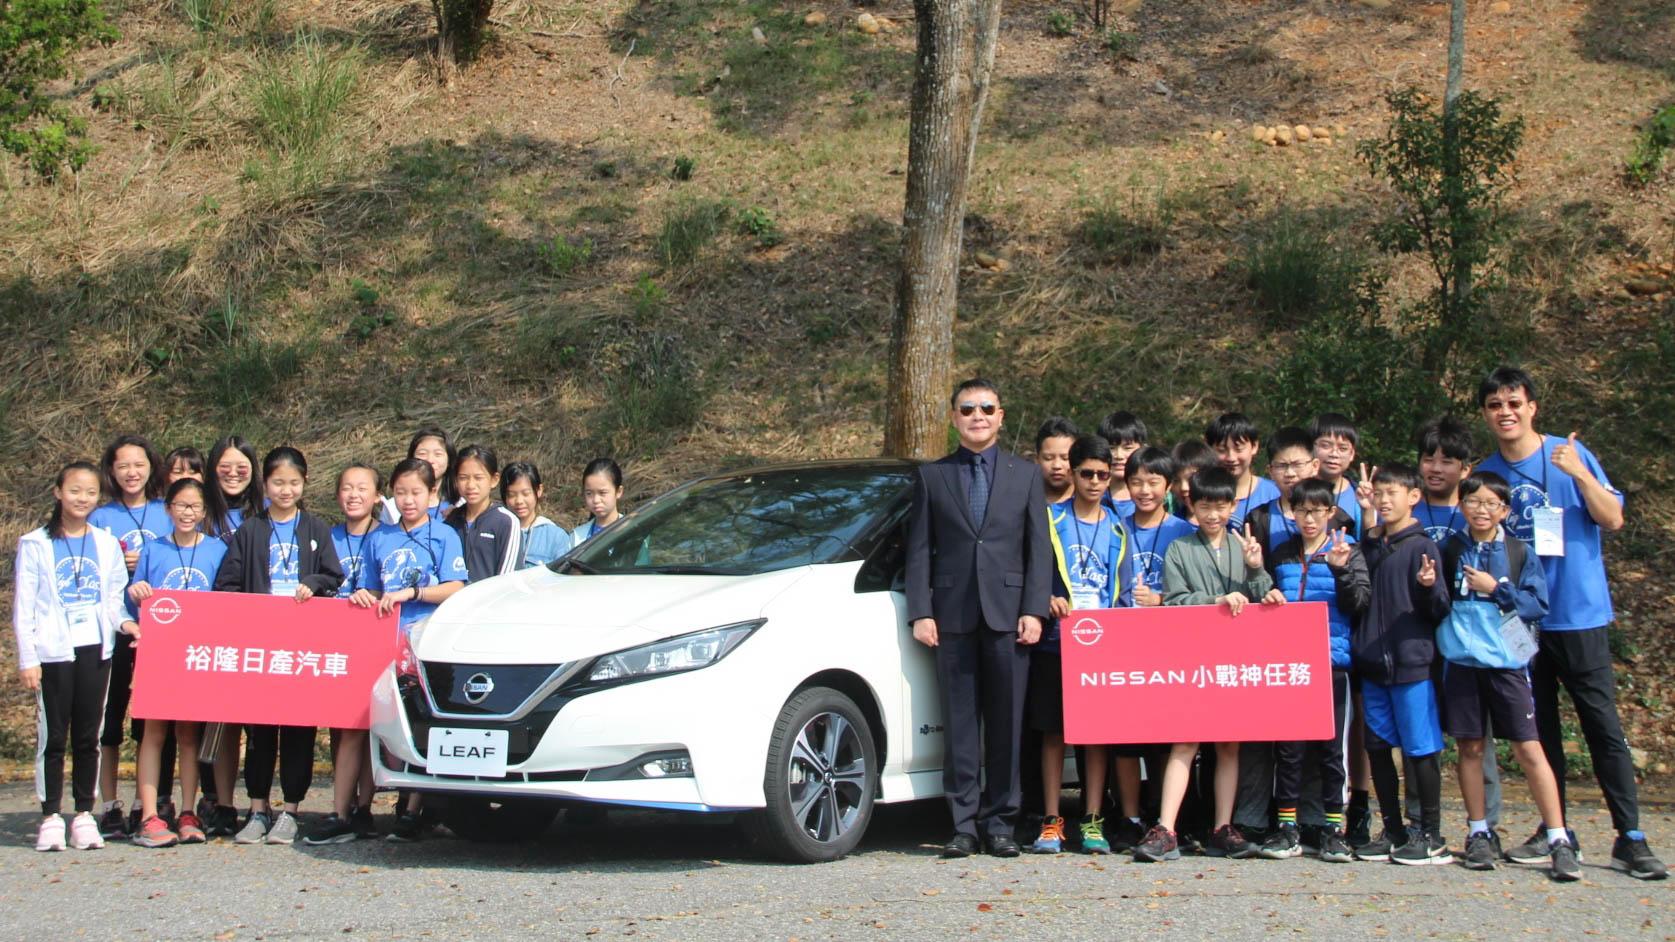 裕隆日產「Nissan 小戰神任務」 持續培育汽車產業潛力種子